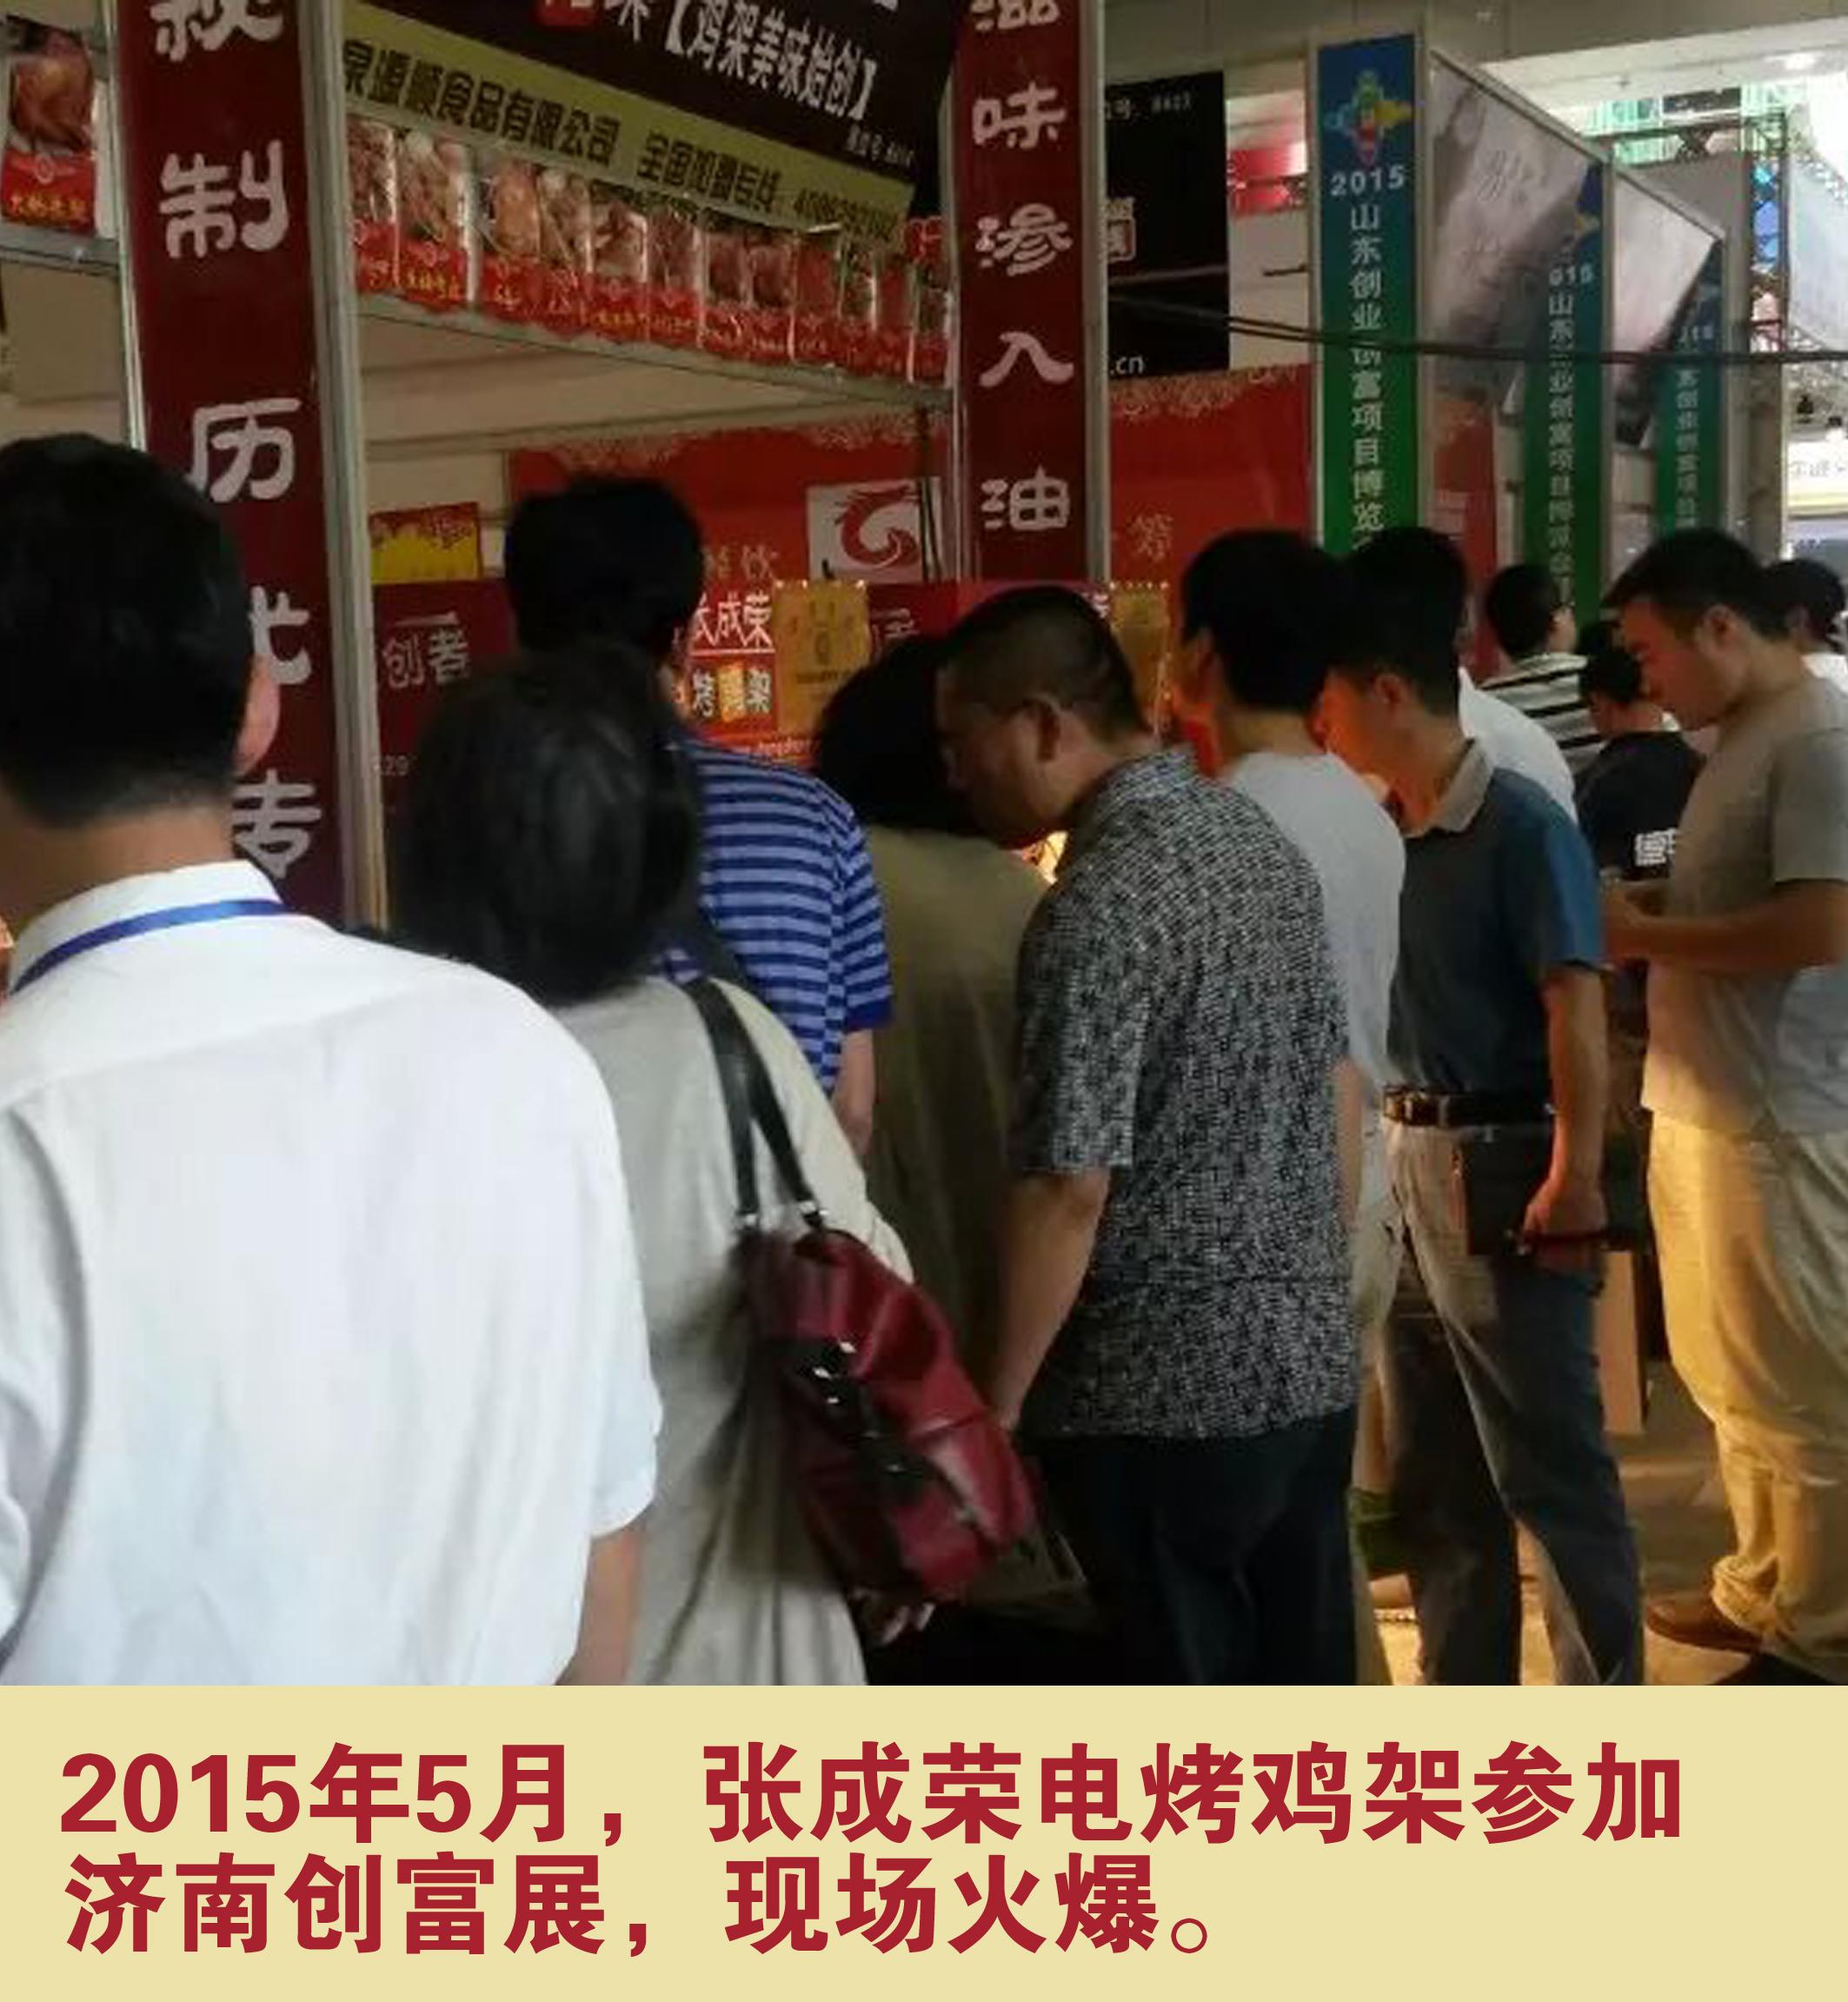 2015年5月,张成荣电烤鸡架参加济南创富展,现场